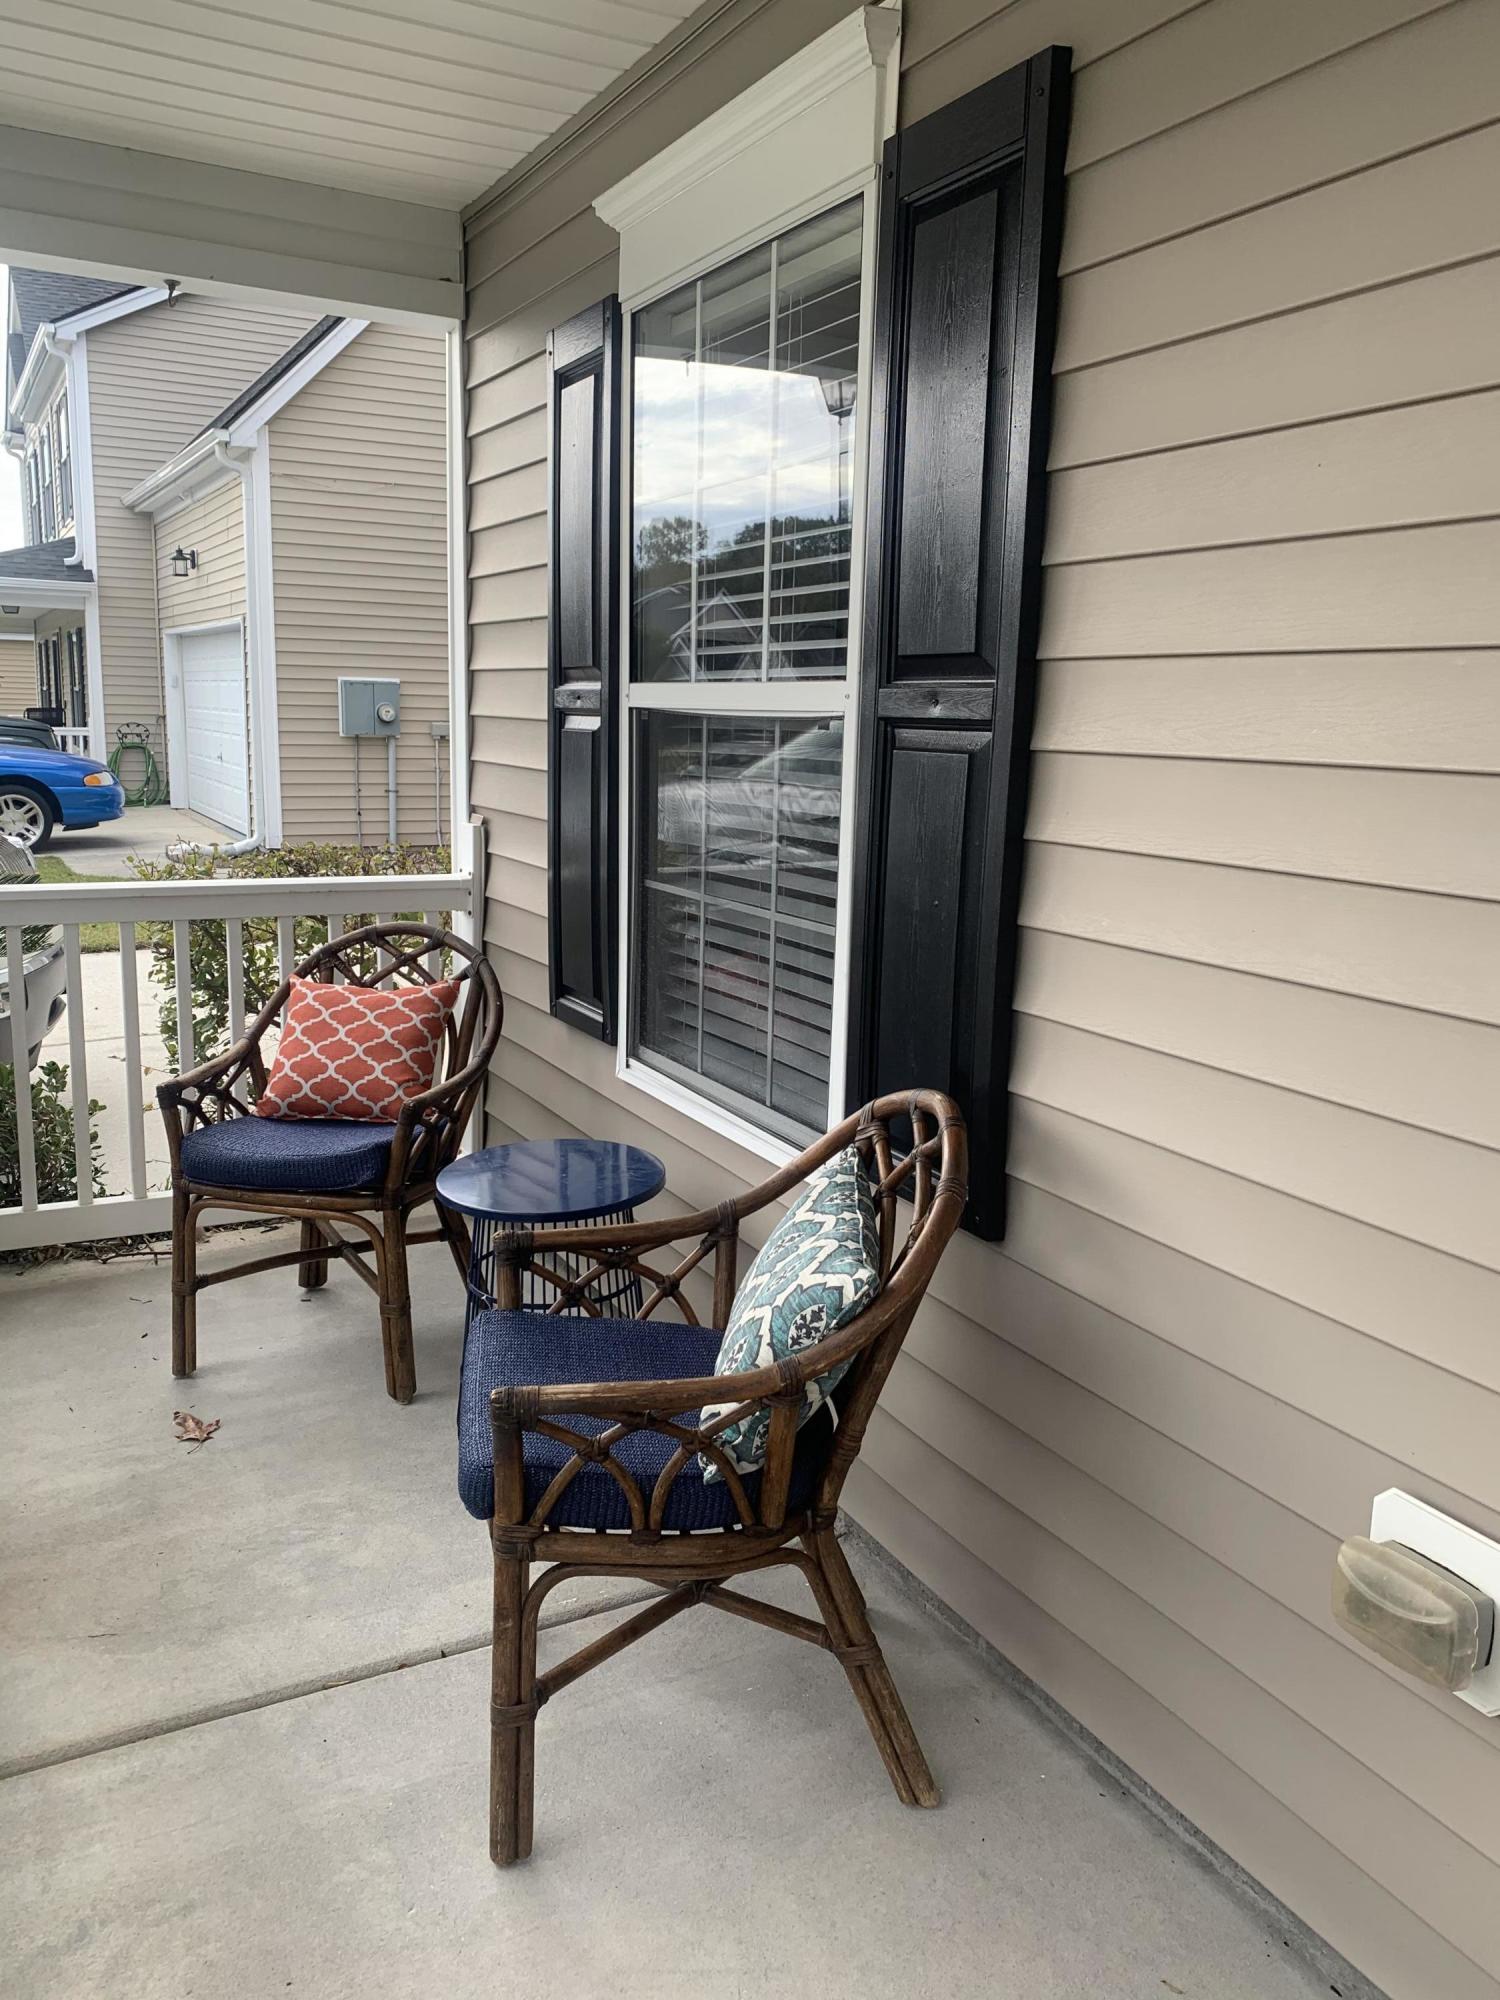 Bridges of Summerville Homes For Sale - 300 Eagle Ridge, Summerville, SC - 4